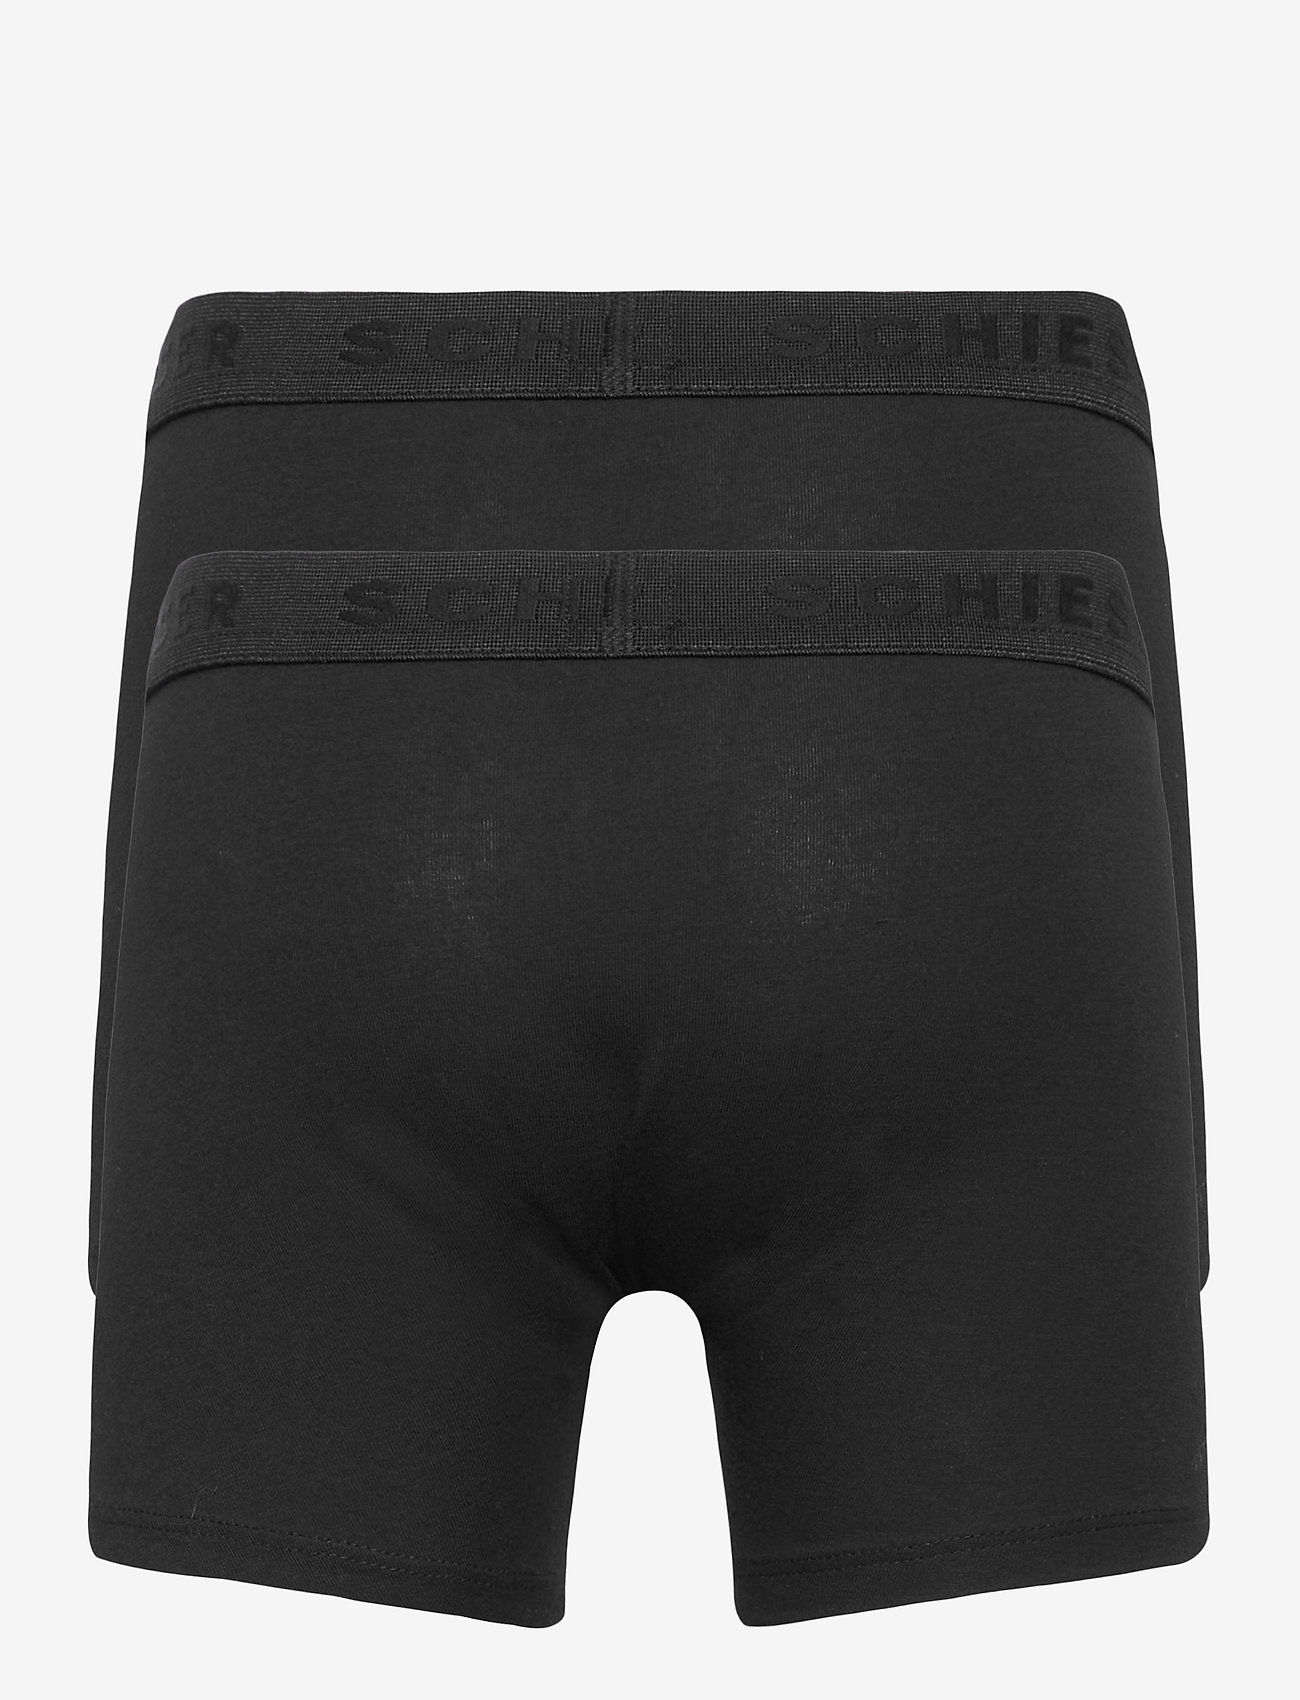 Schiesser - Shorts - shorts - black - 1